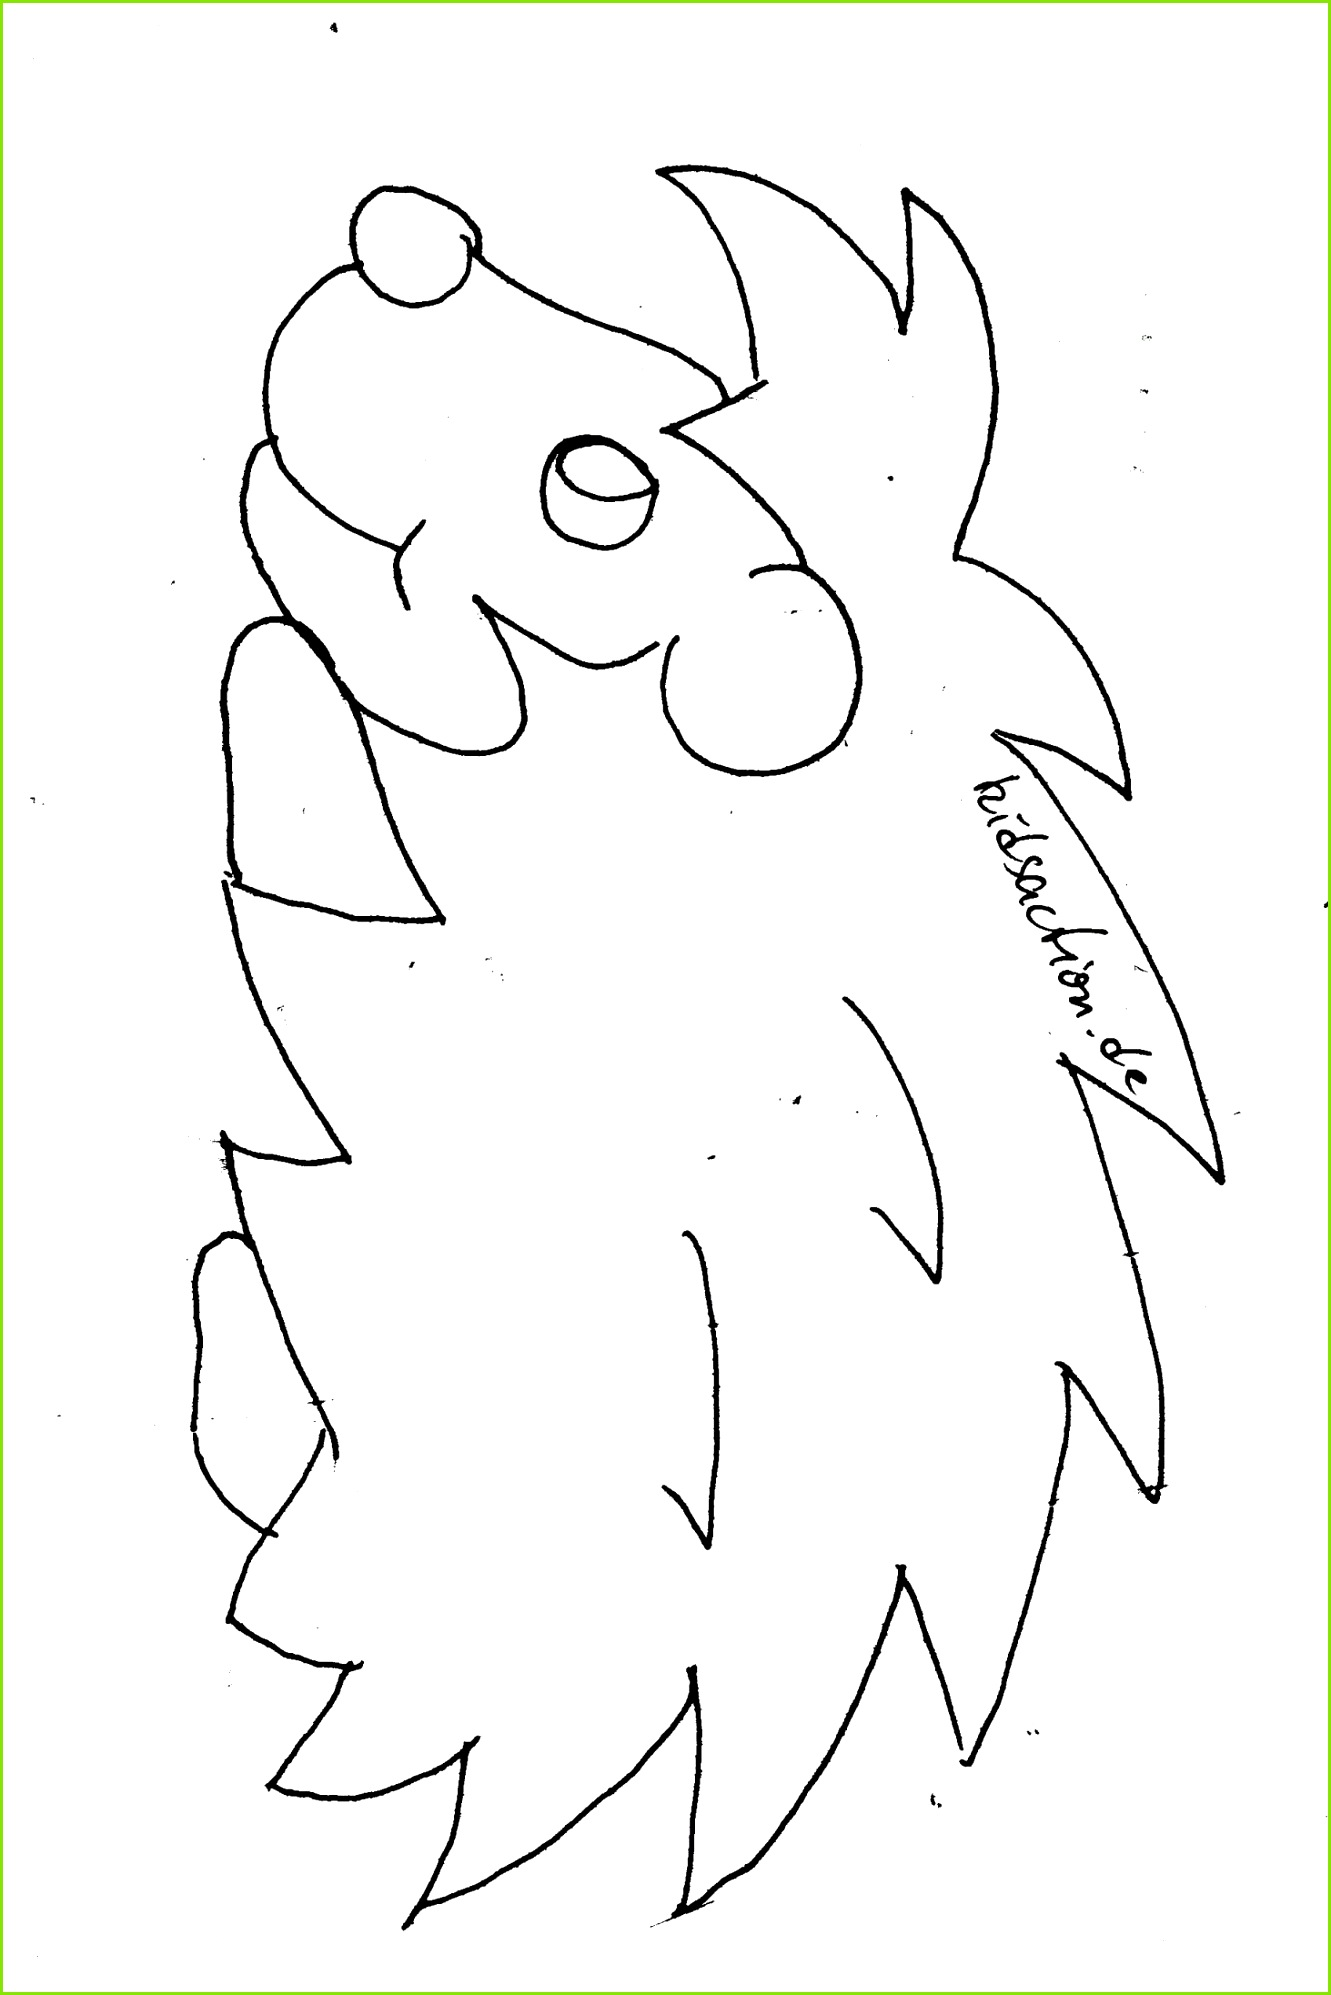 Spongebob Malbuch Pdf Außergewöhnliche Malvorlagen Igel Elegant Igel Grundschule 0d Archives Uploadertalk